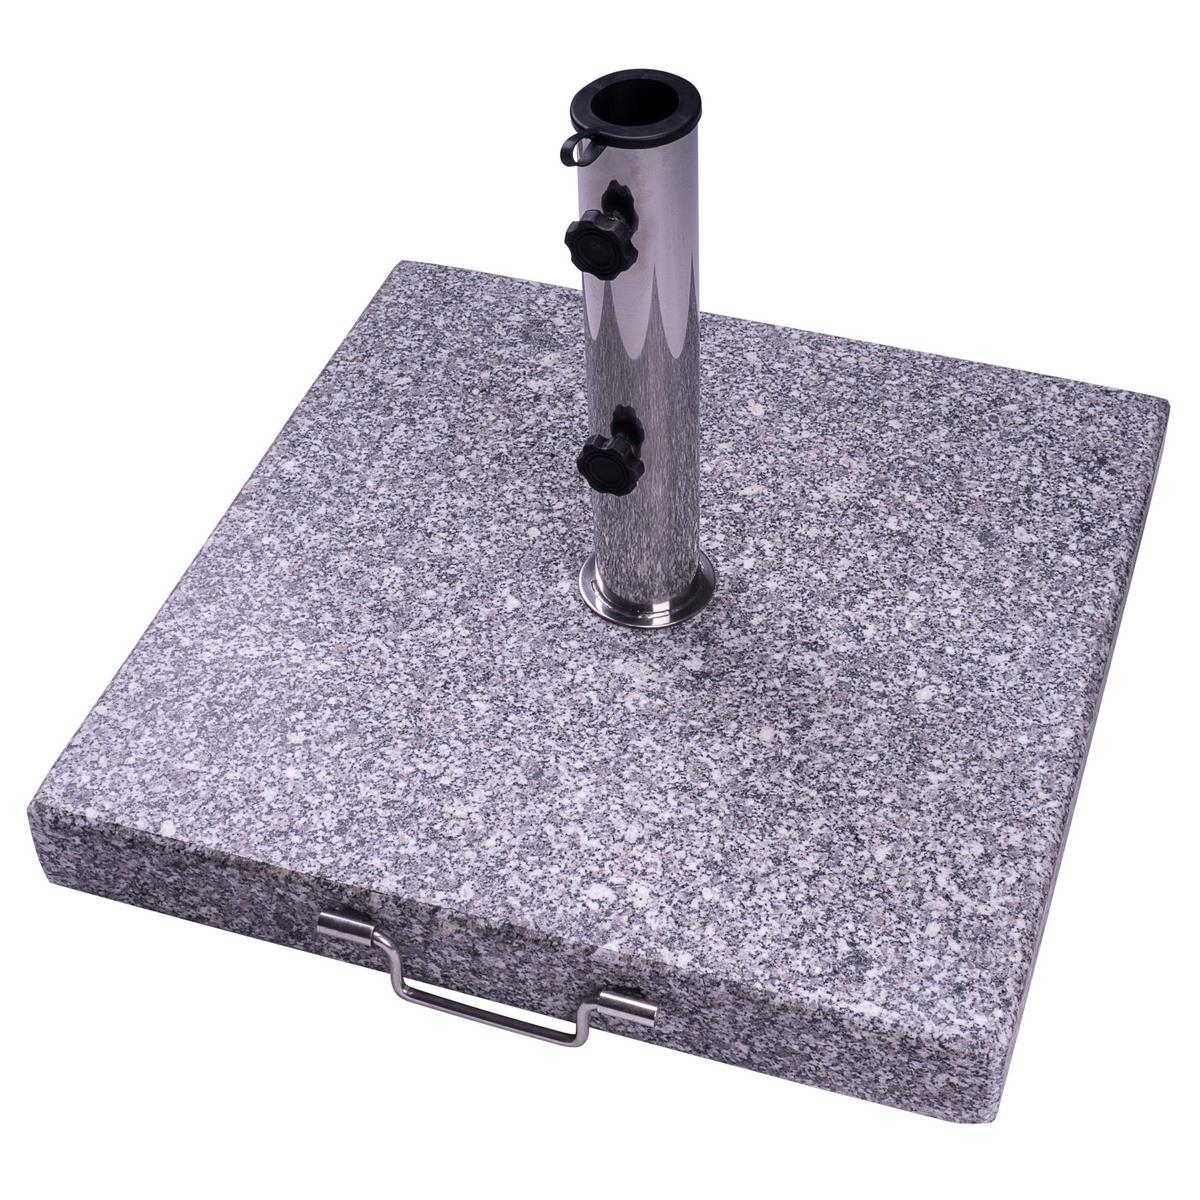 Sonnenschirmständer 40kg Granit grau meliert viereckig 50x 50cm mit Griff Rollen